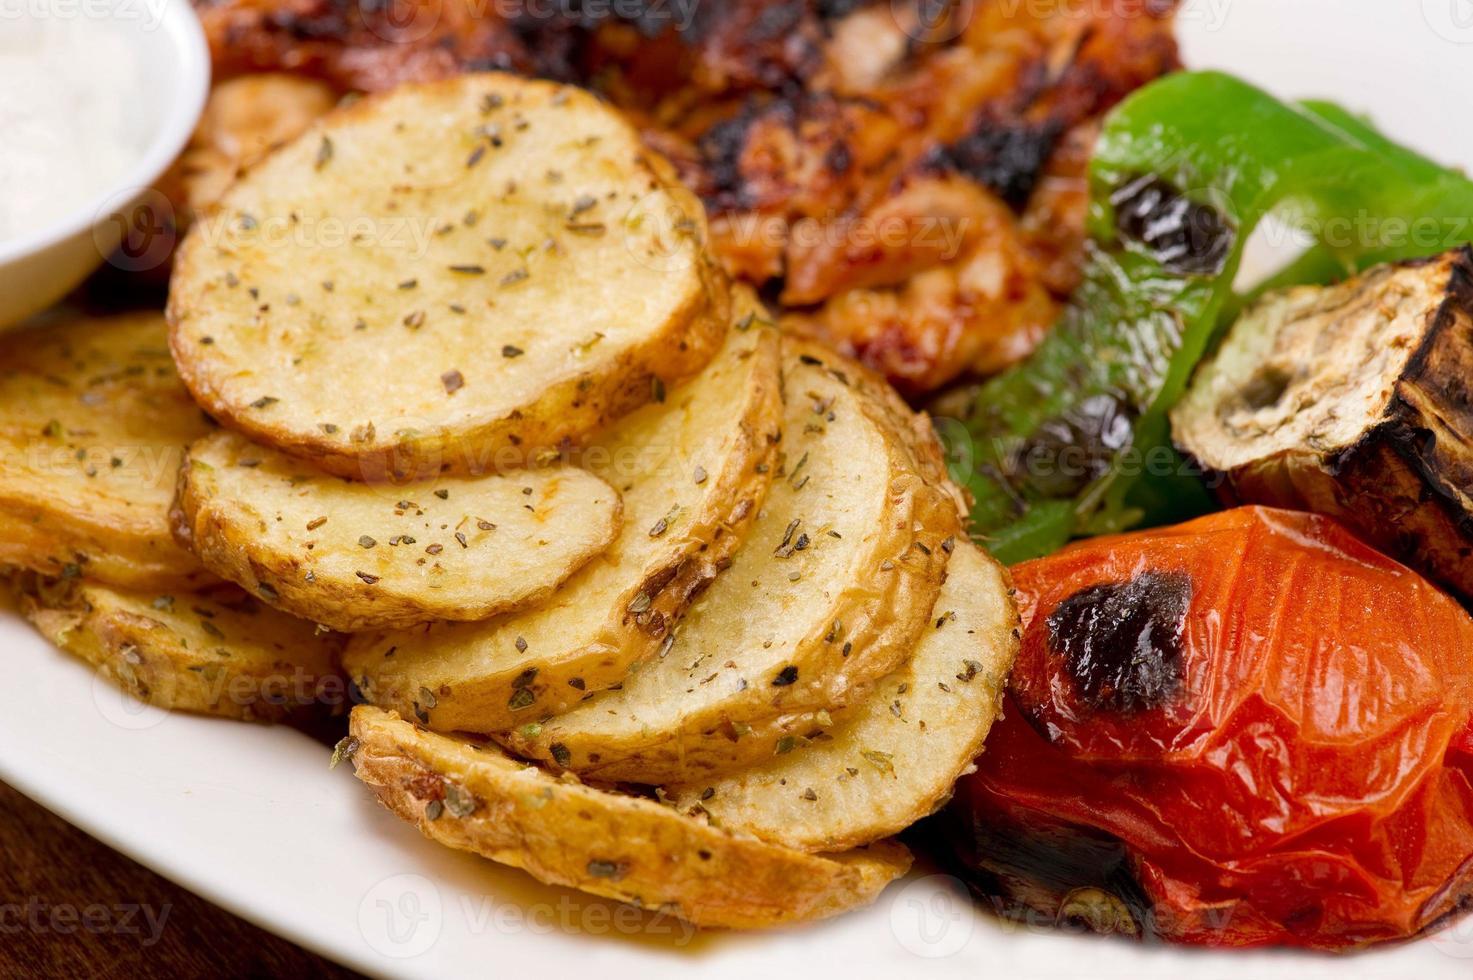 filetti di pollo alla griglia, con patate e verdure foto